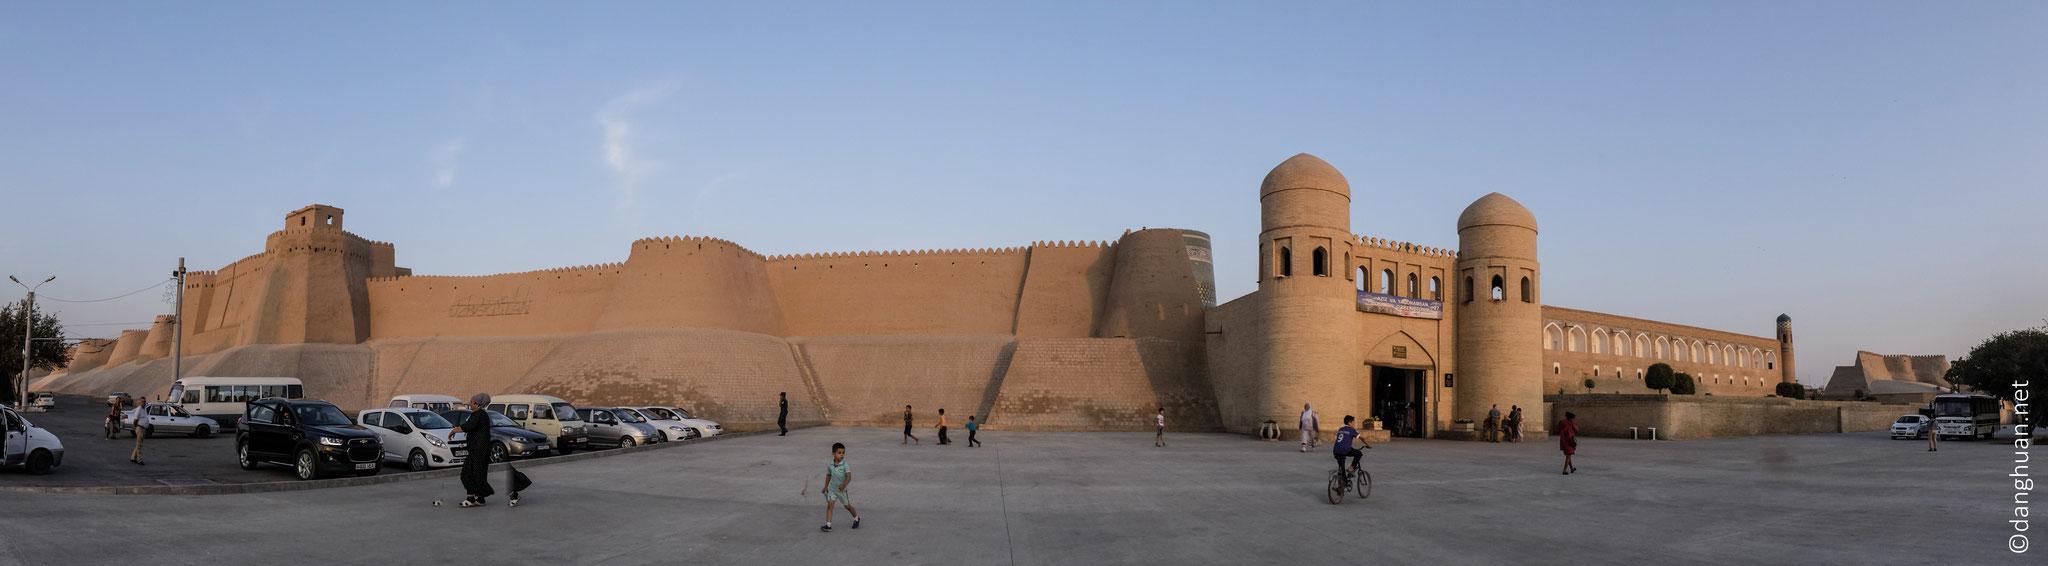 Dotée de 4 portes situées aux 4 points cardinaux, fermées du crépuscule à l'aube pour protéger des attaques nomades et des tempêtes de désert...